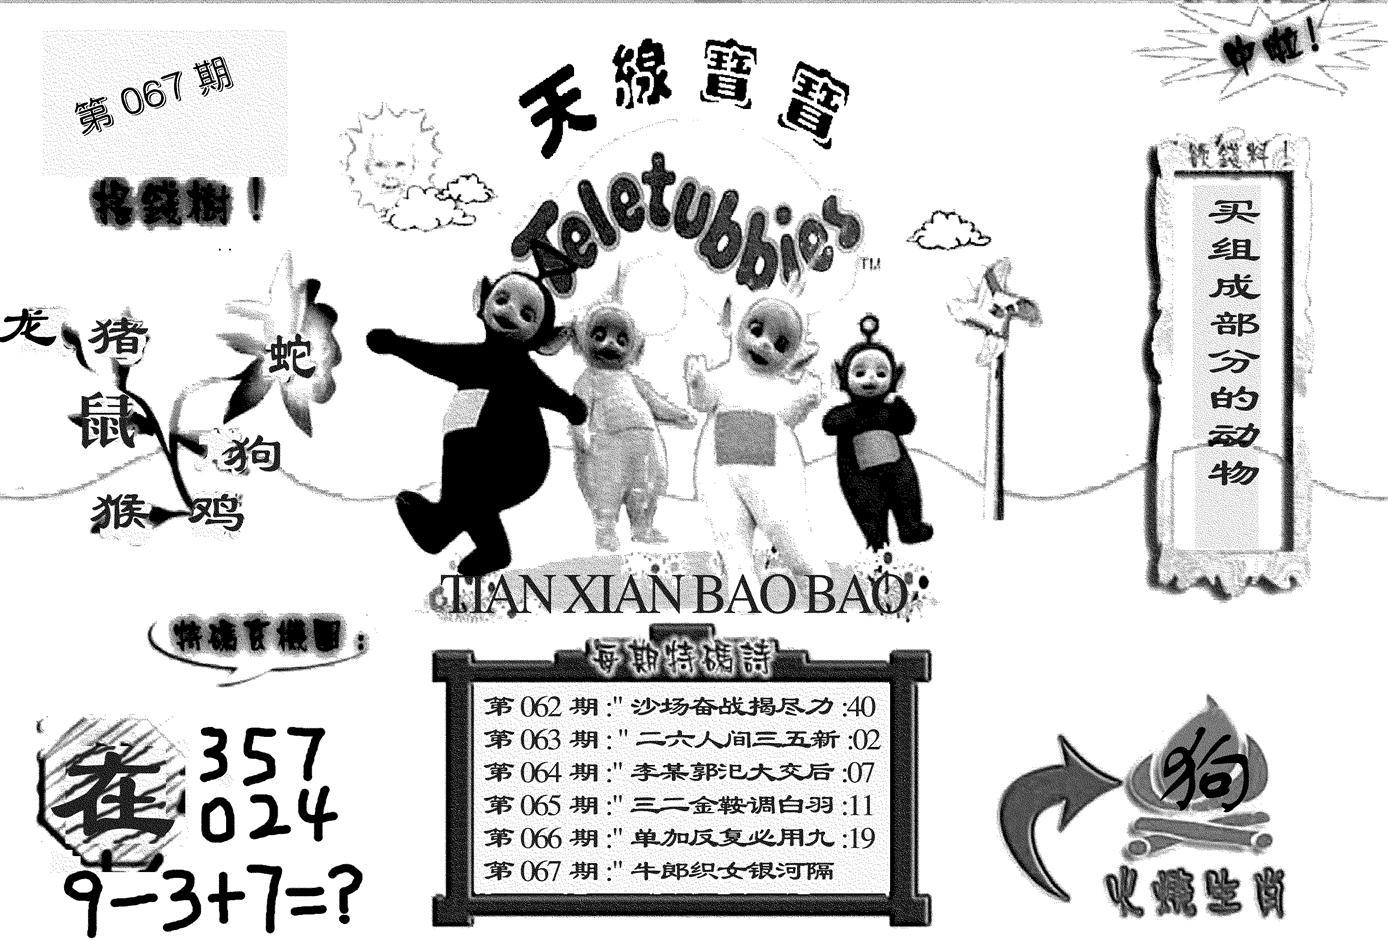 067期天线宝宝(黑白)(黑白)